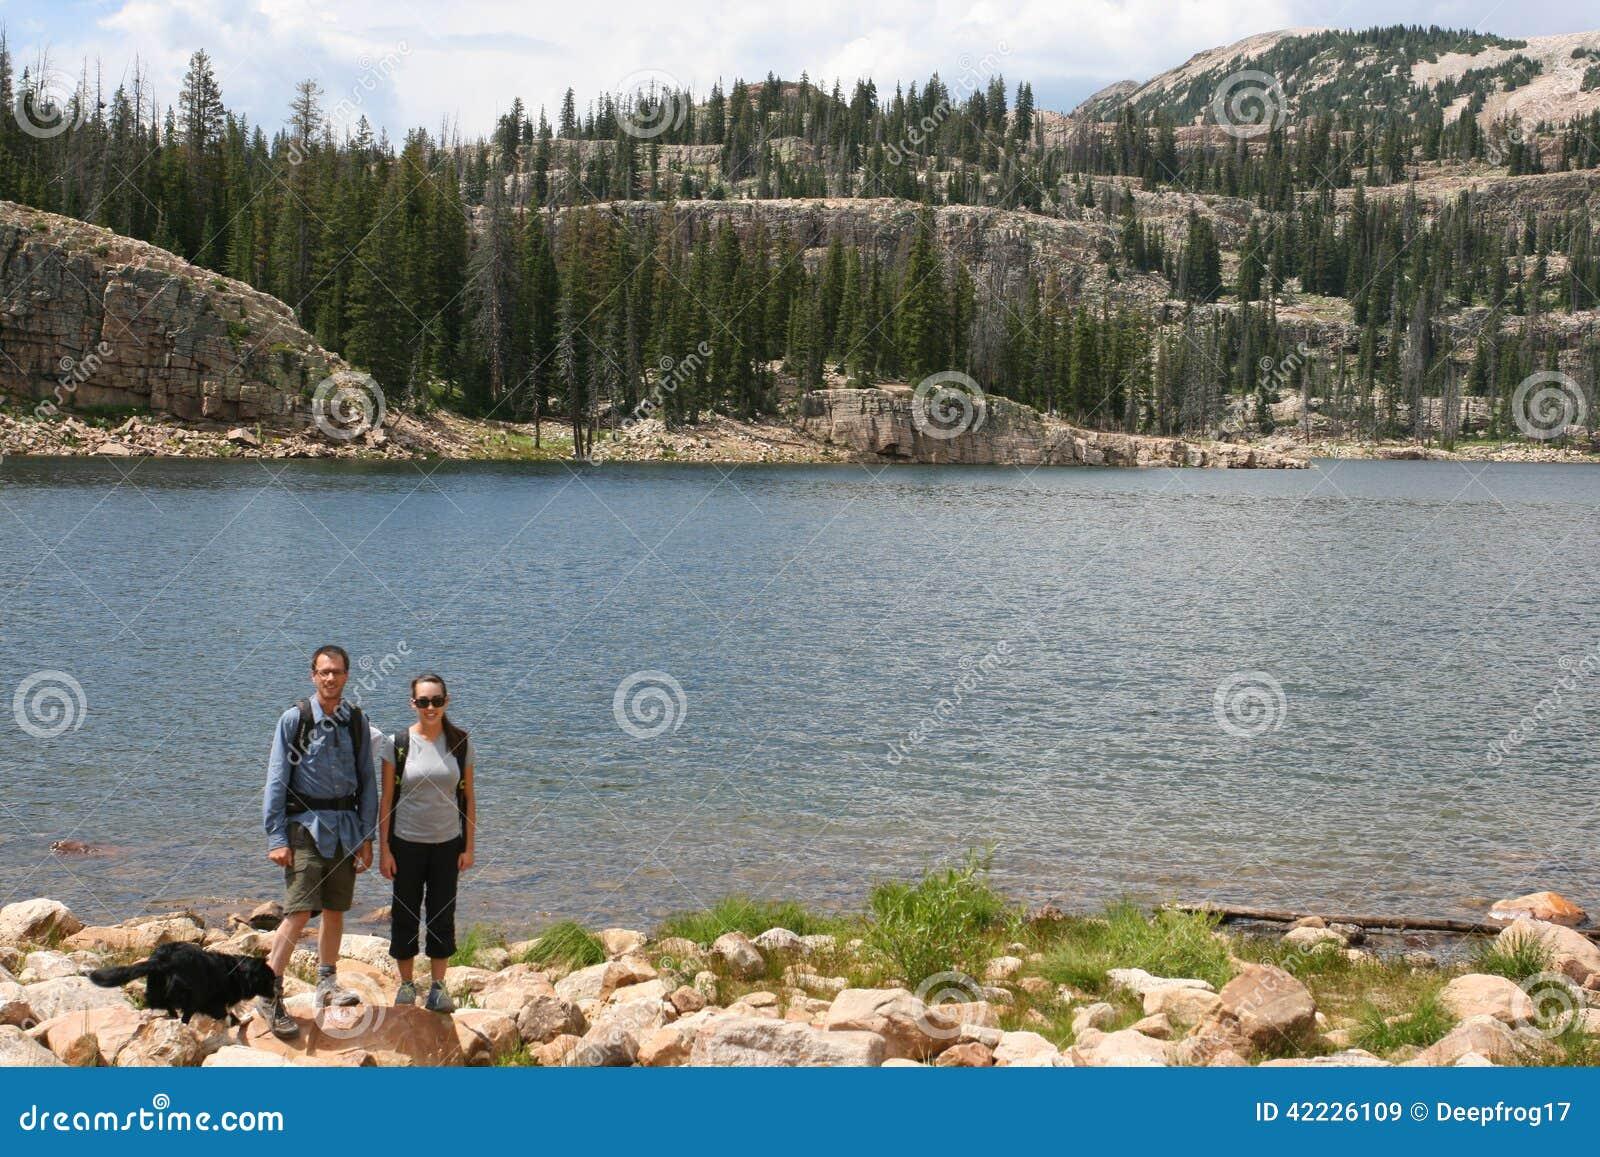 Wycieczkowicze w górach odpoczywają przy jeziorem